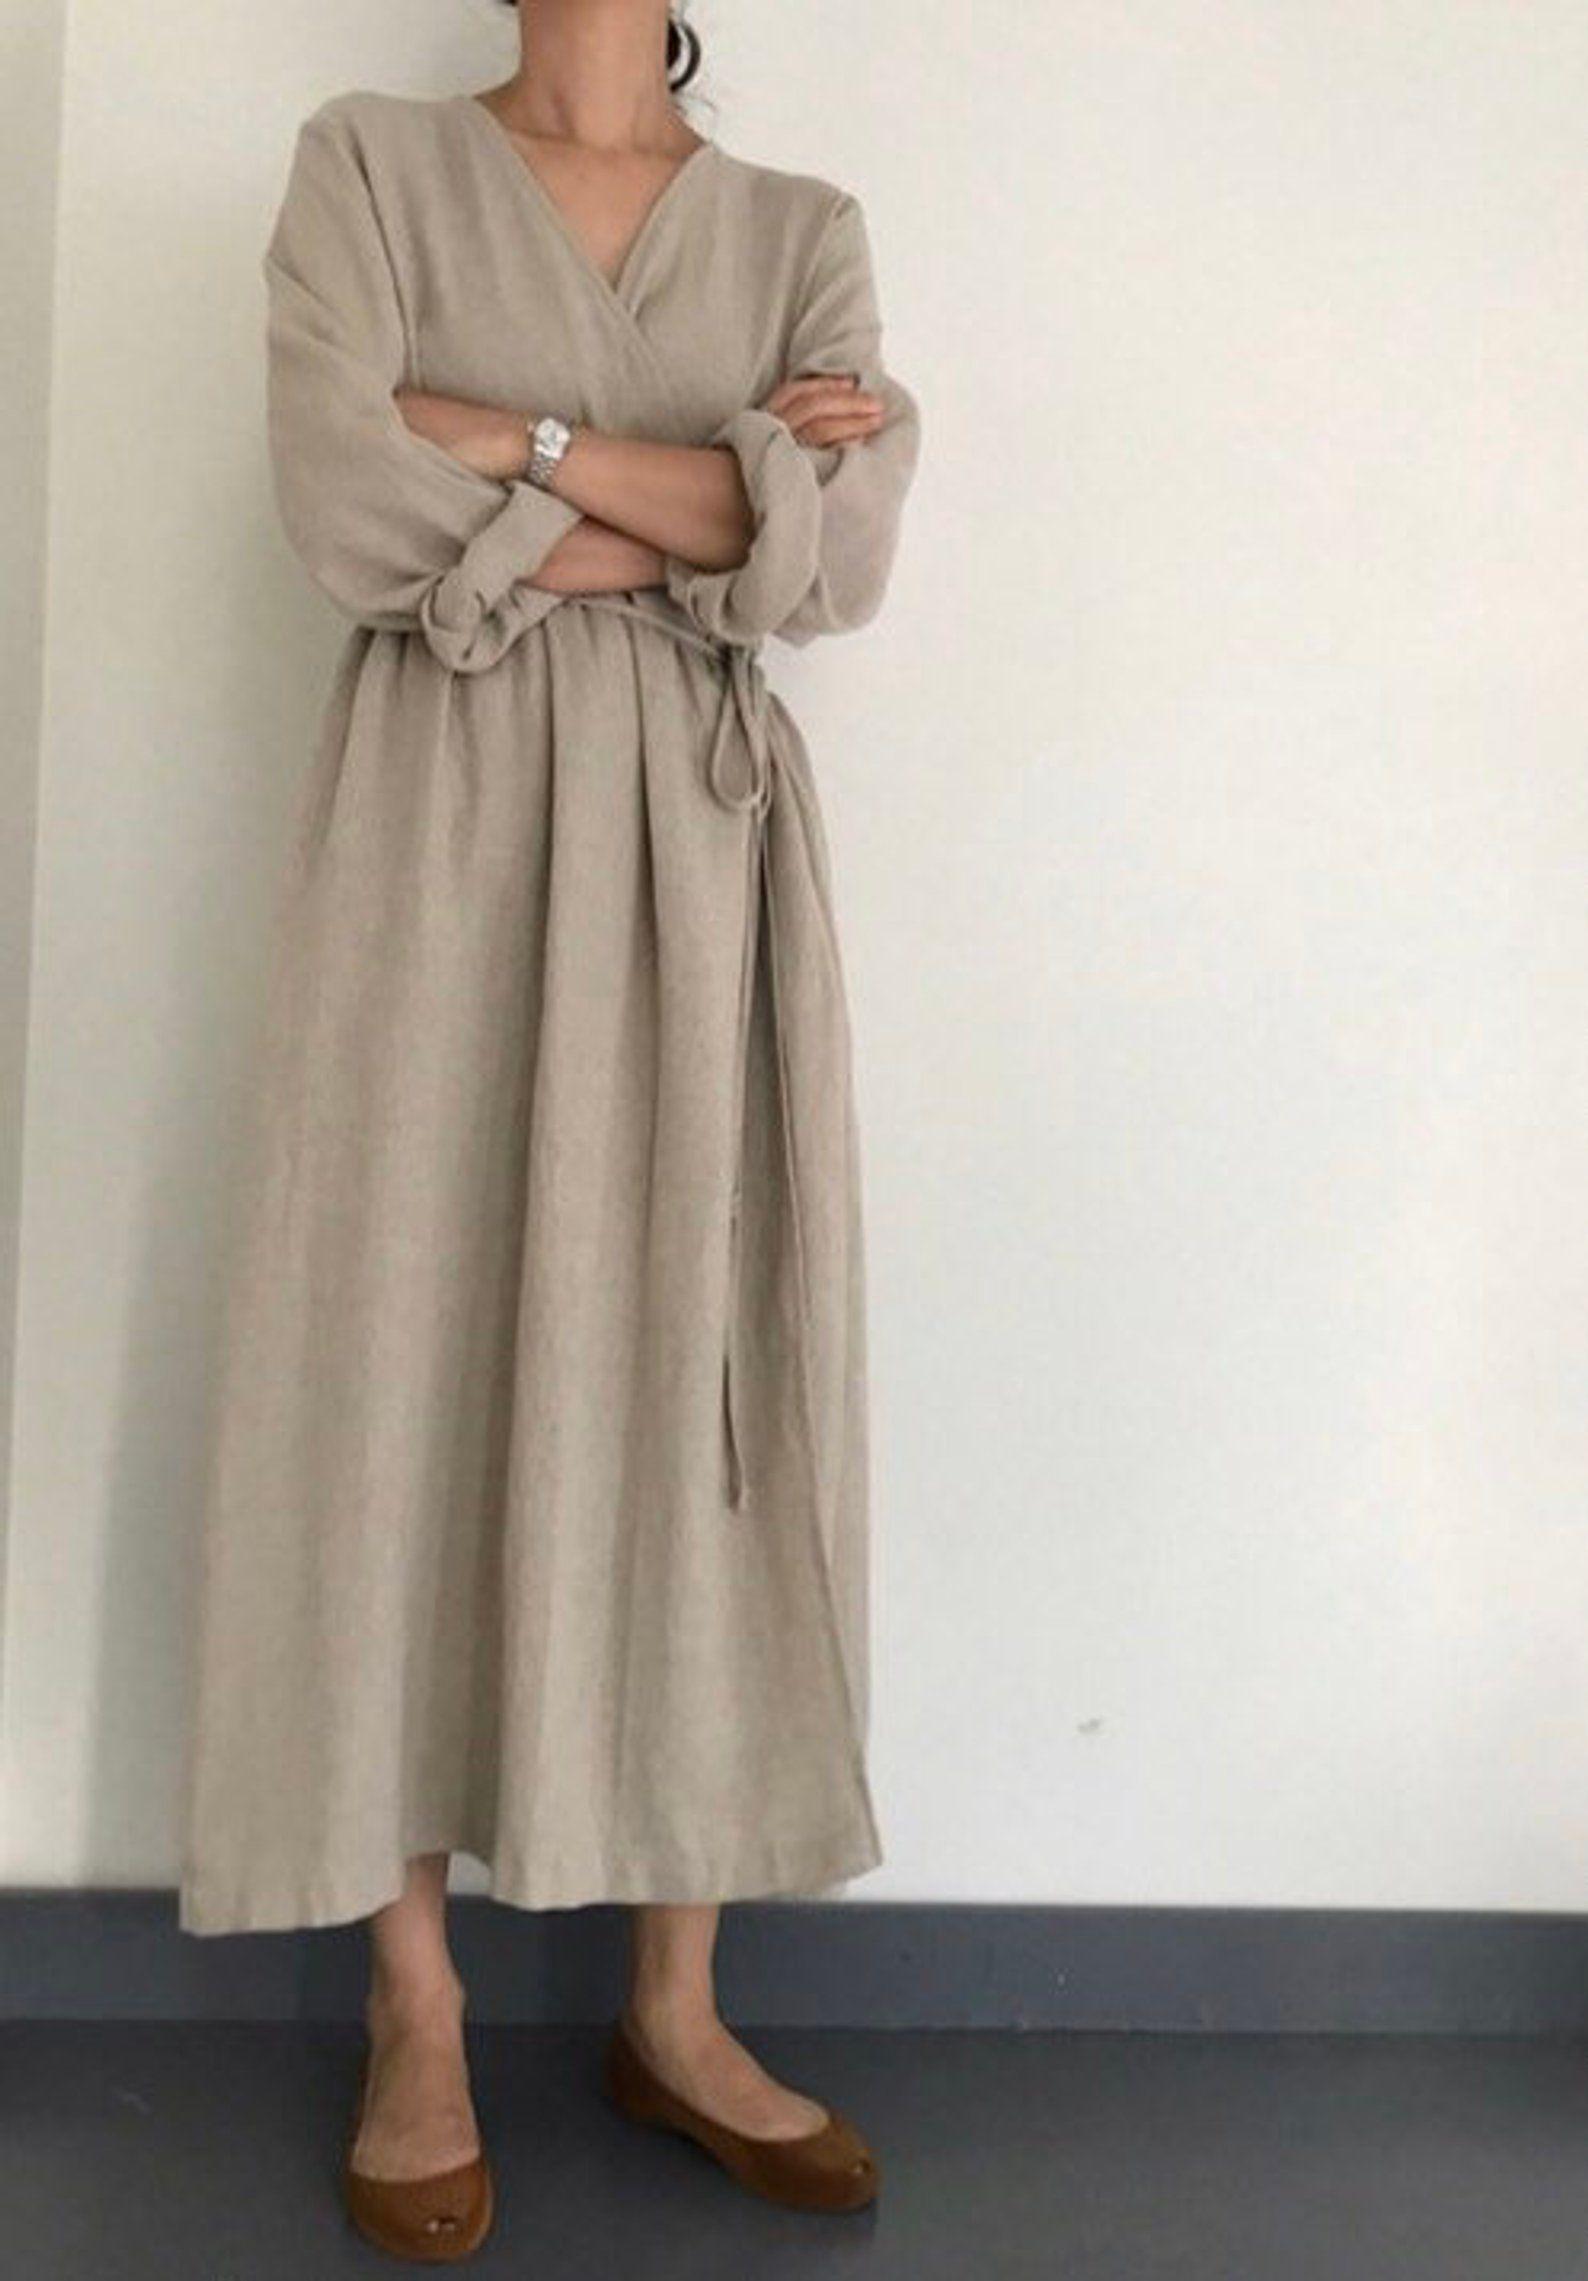 Plaid check cotton wrap dress, Wrap dress jacket